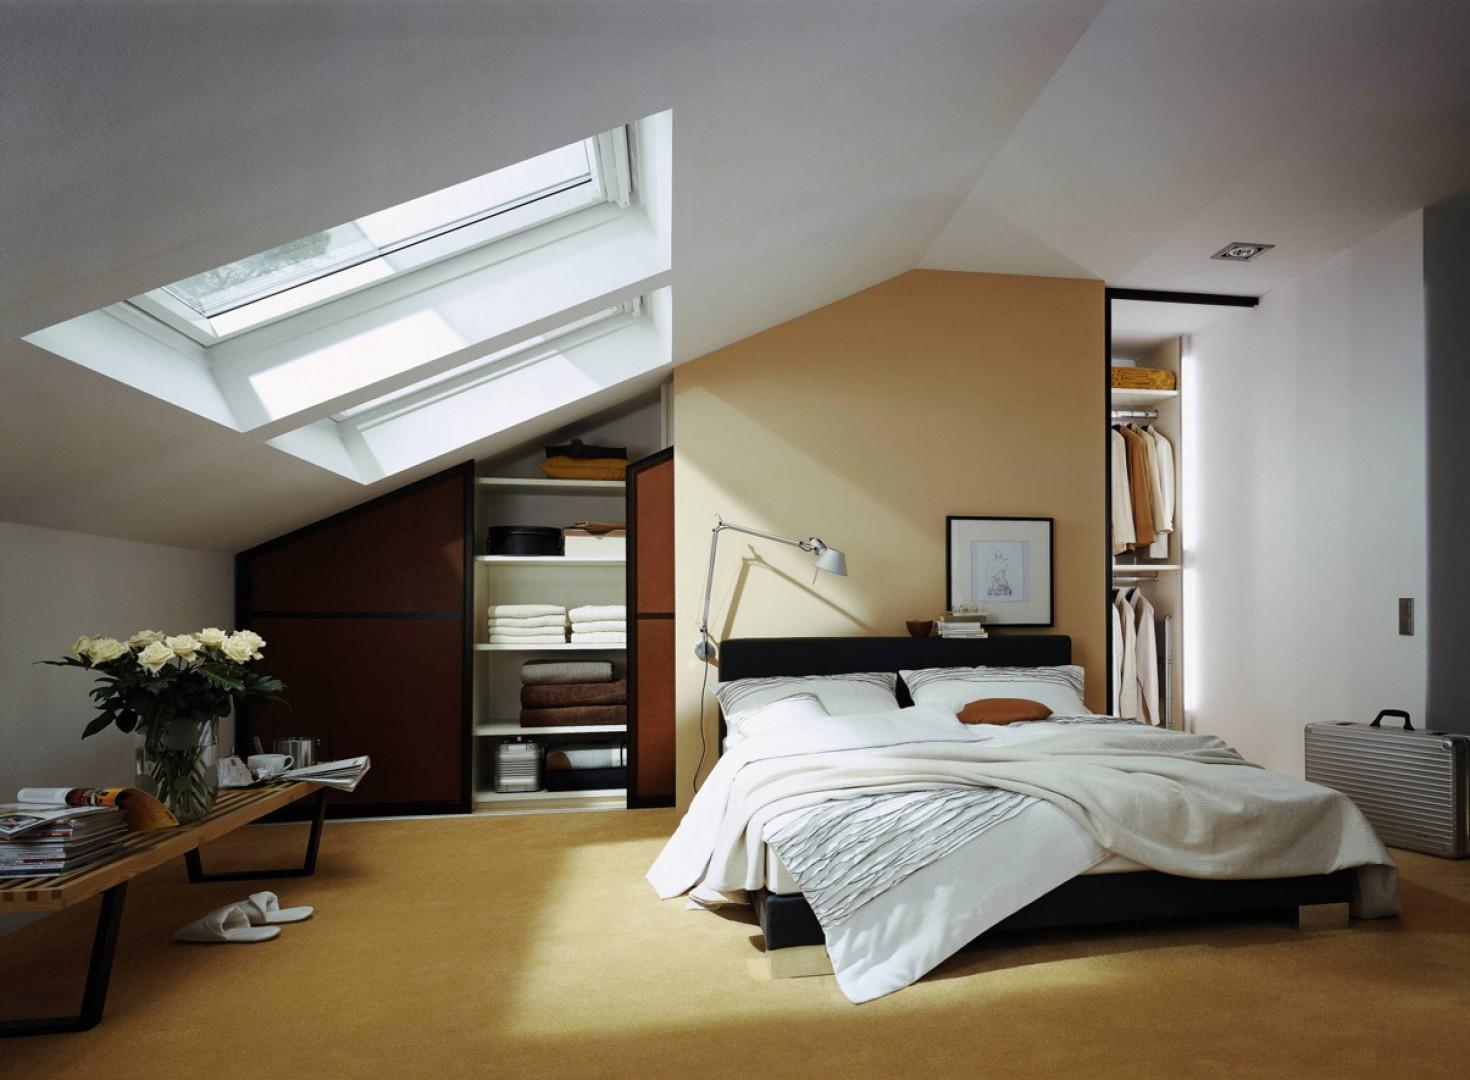 Sypialnia na poddaszu, gdzie skosy nie pozwalają na wstawienie klasycznych mebli, jest idealnym miejscem na garderobę. Fot. Raumplus